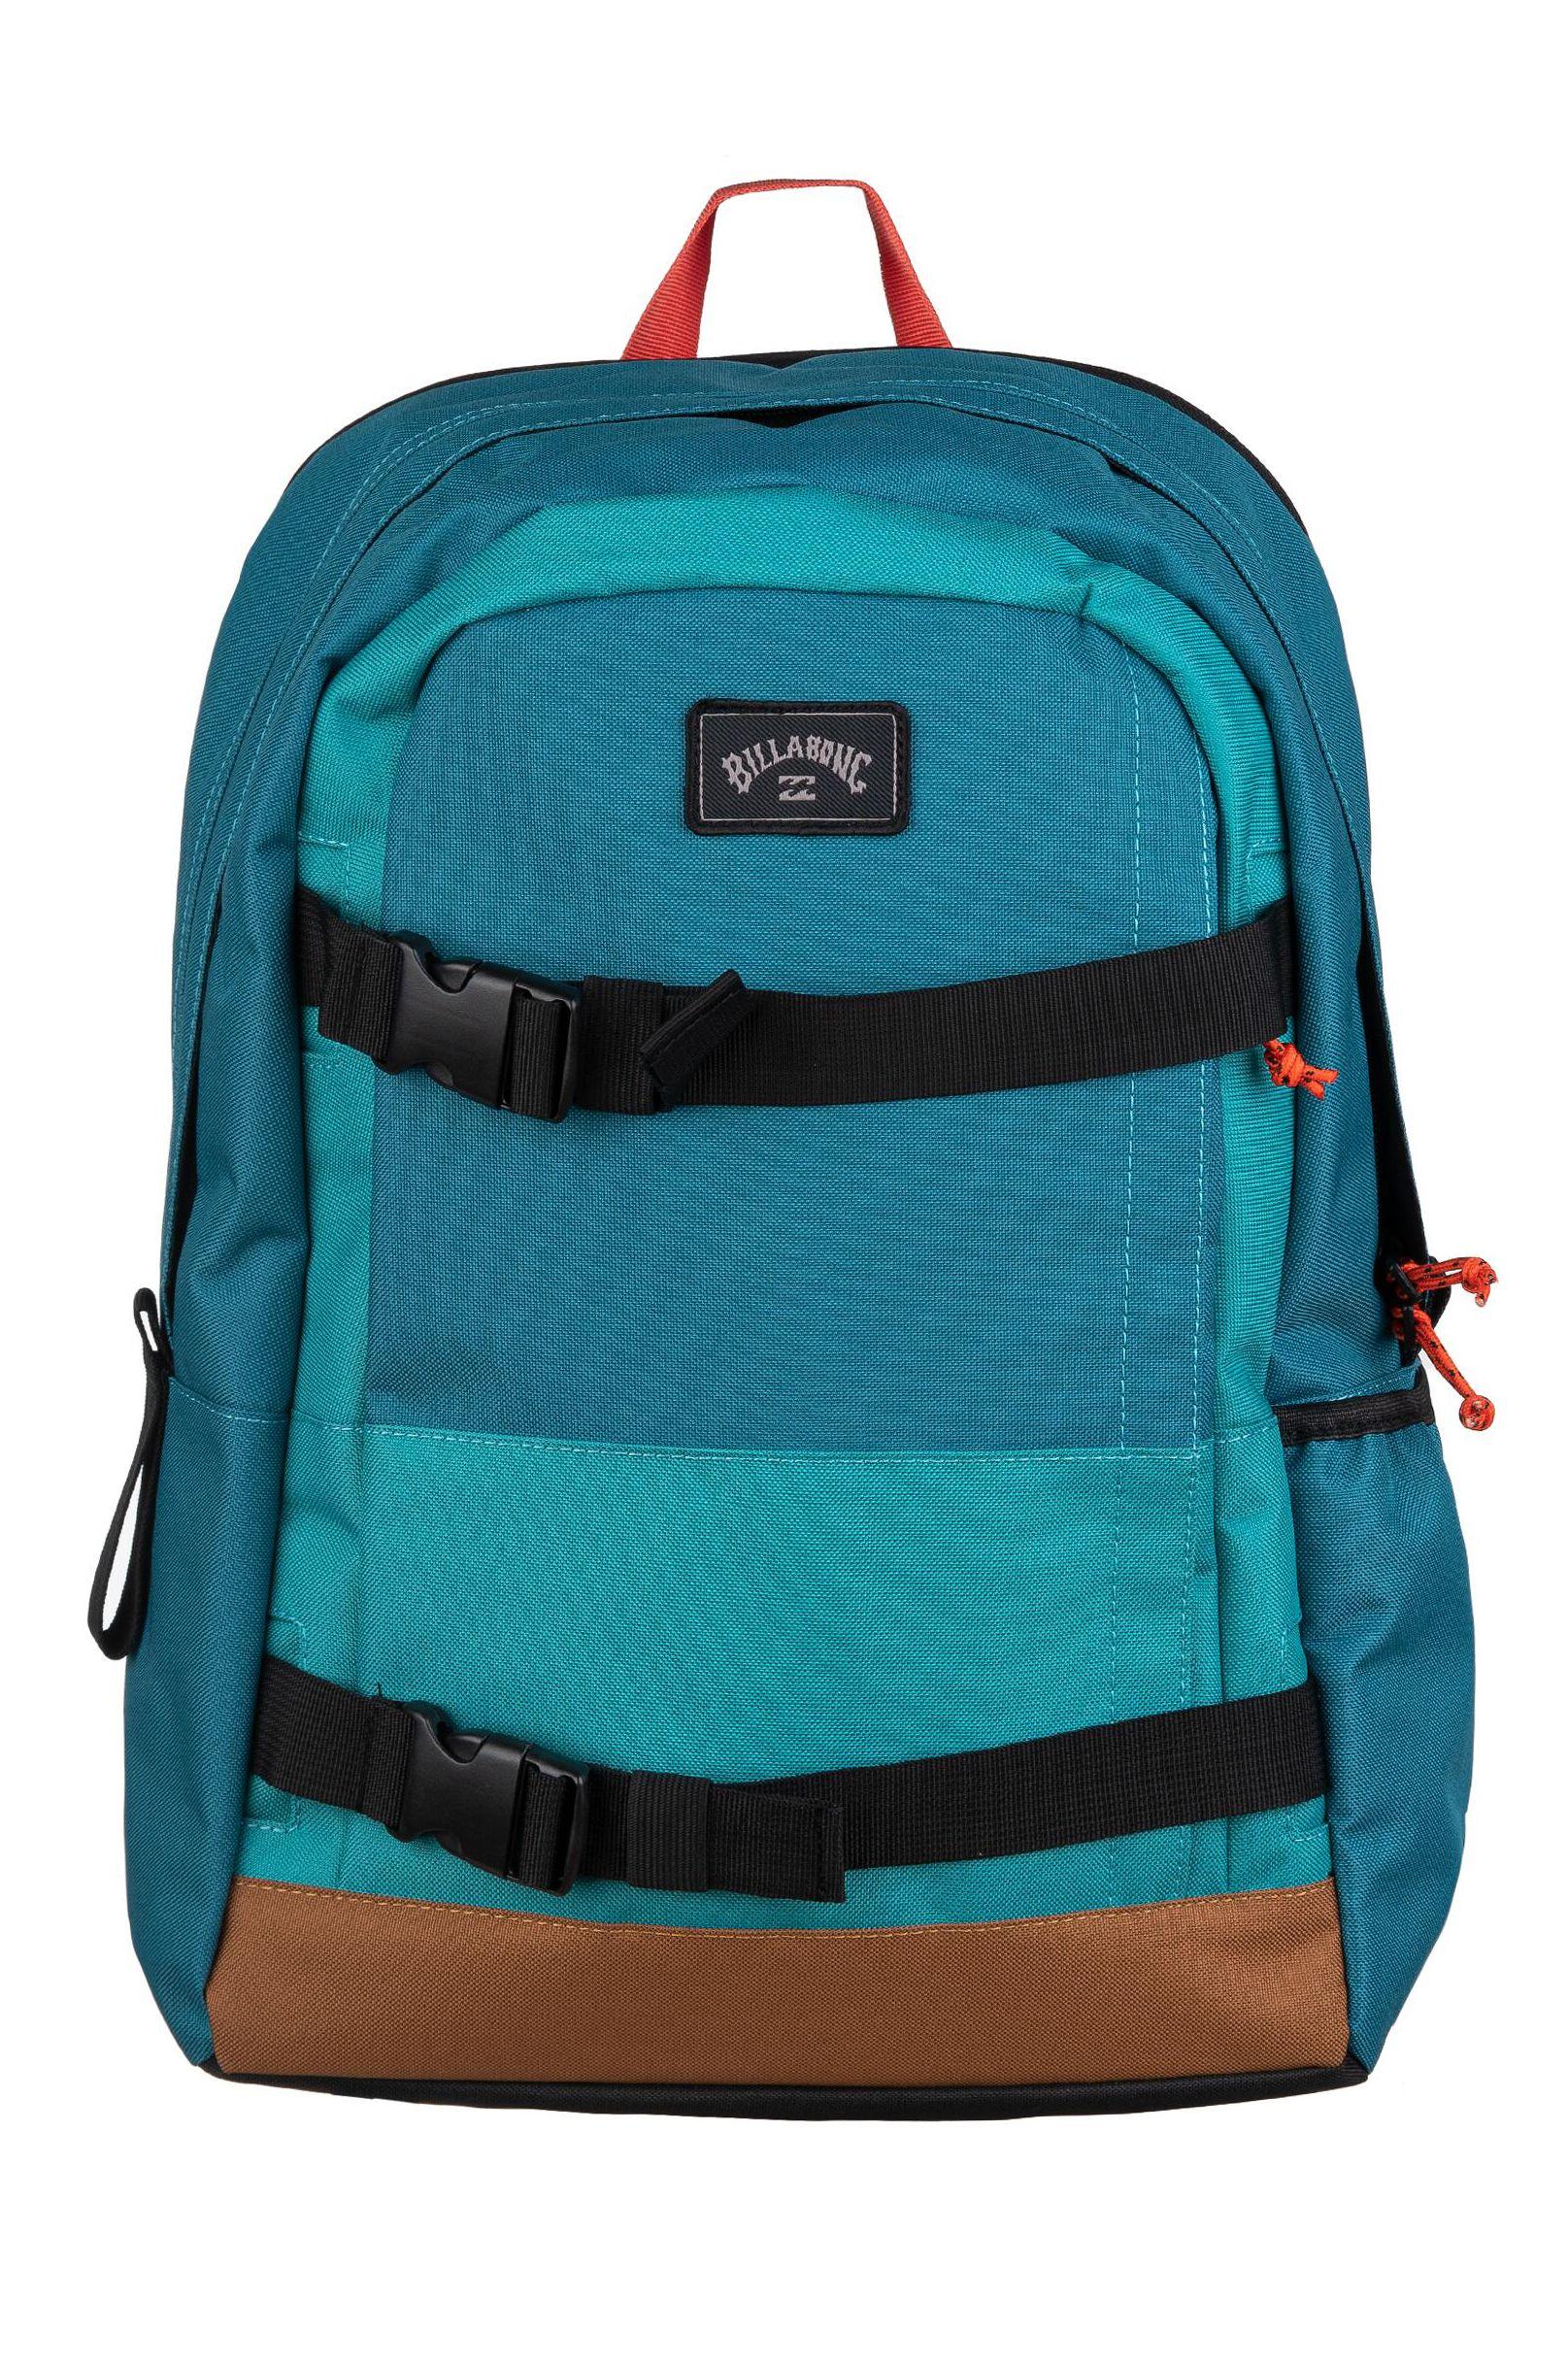 Billabong Backpack COMMAND SKATE Teal